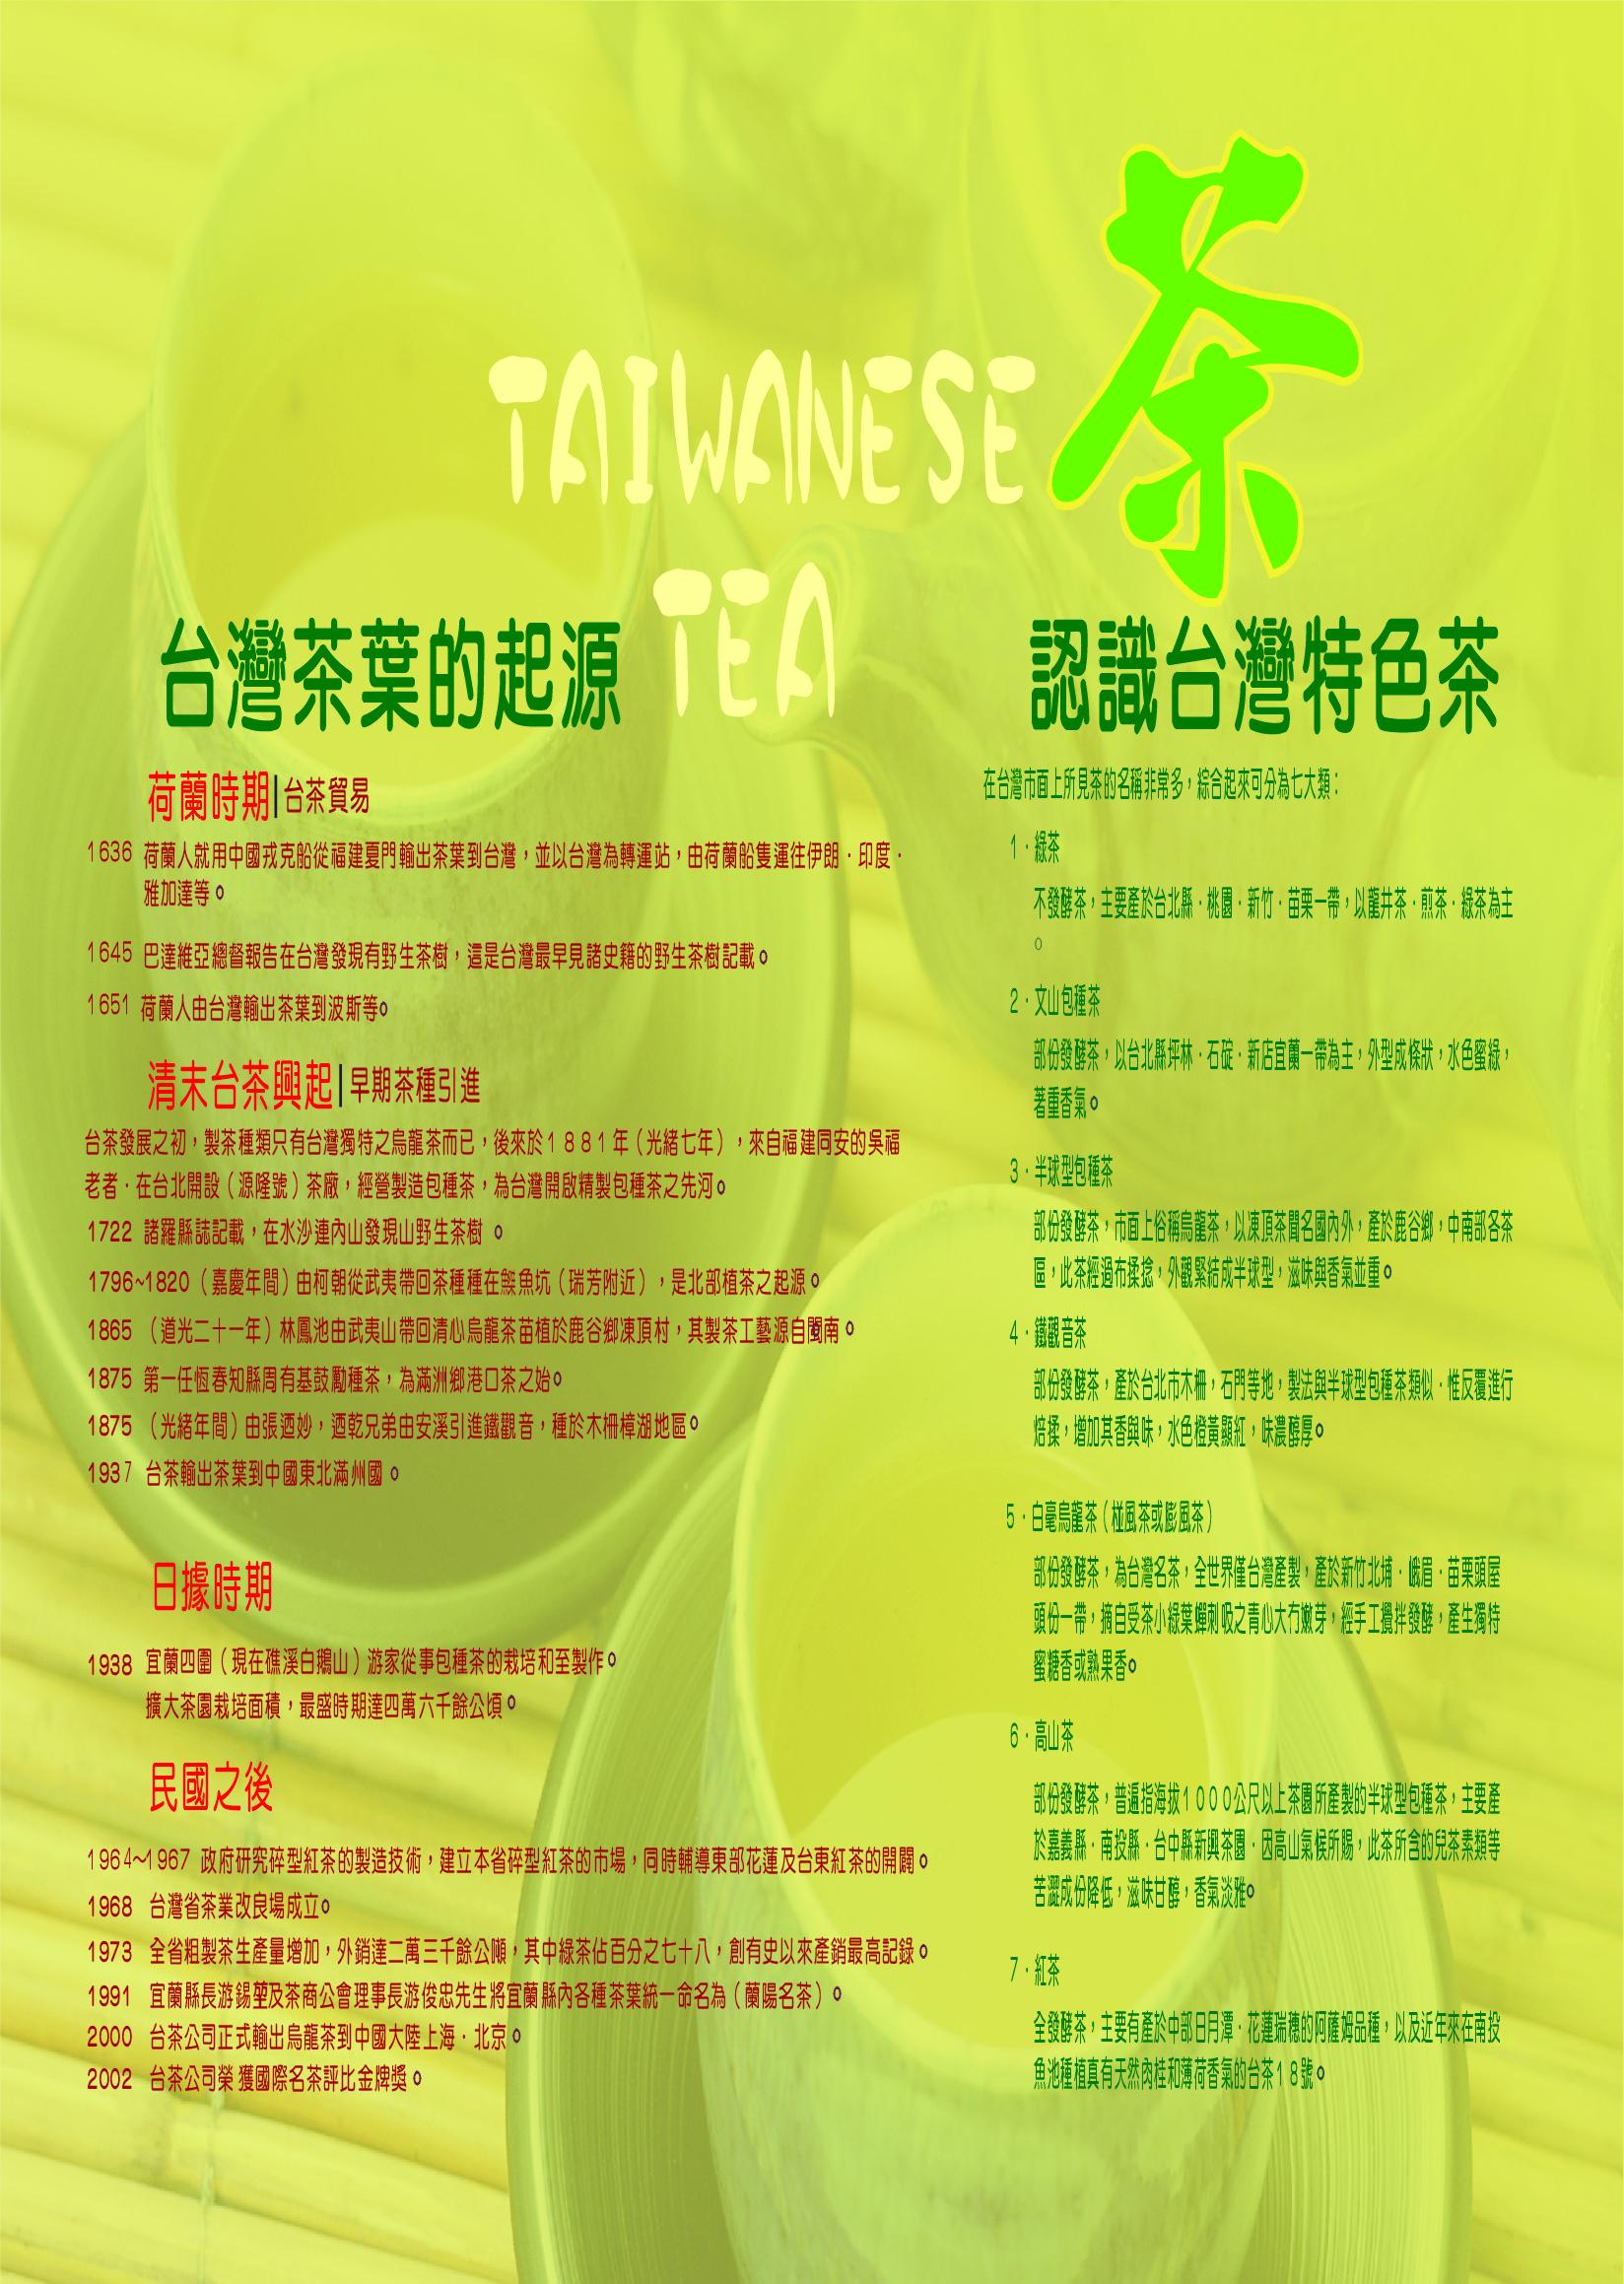 關於台茶.jpg